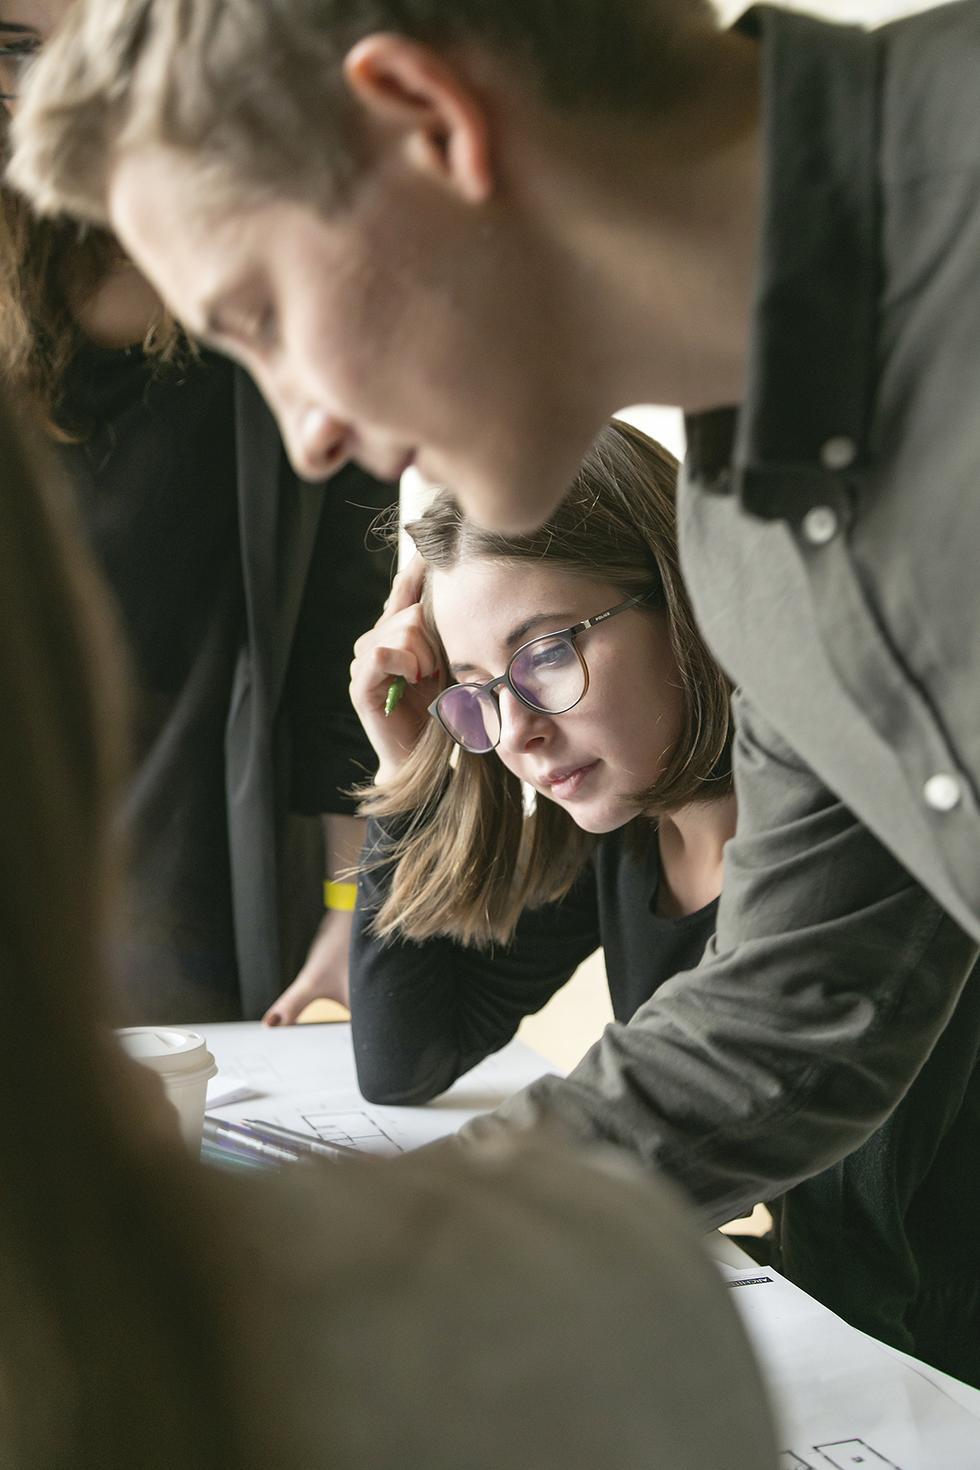 W stronę innowacyjnej prefabrykacji – relacja z warsztatów